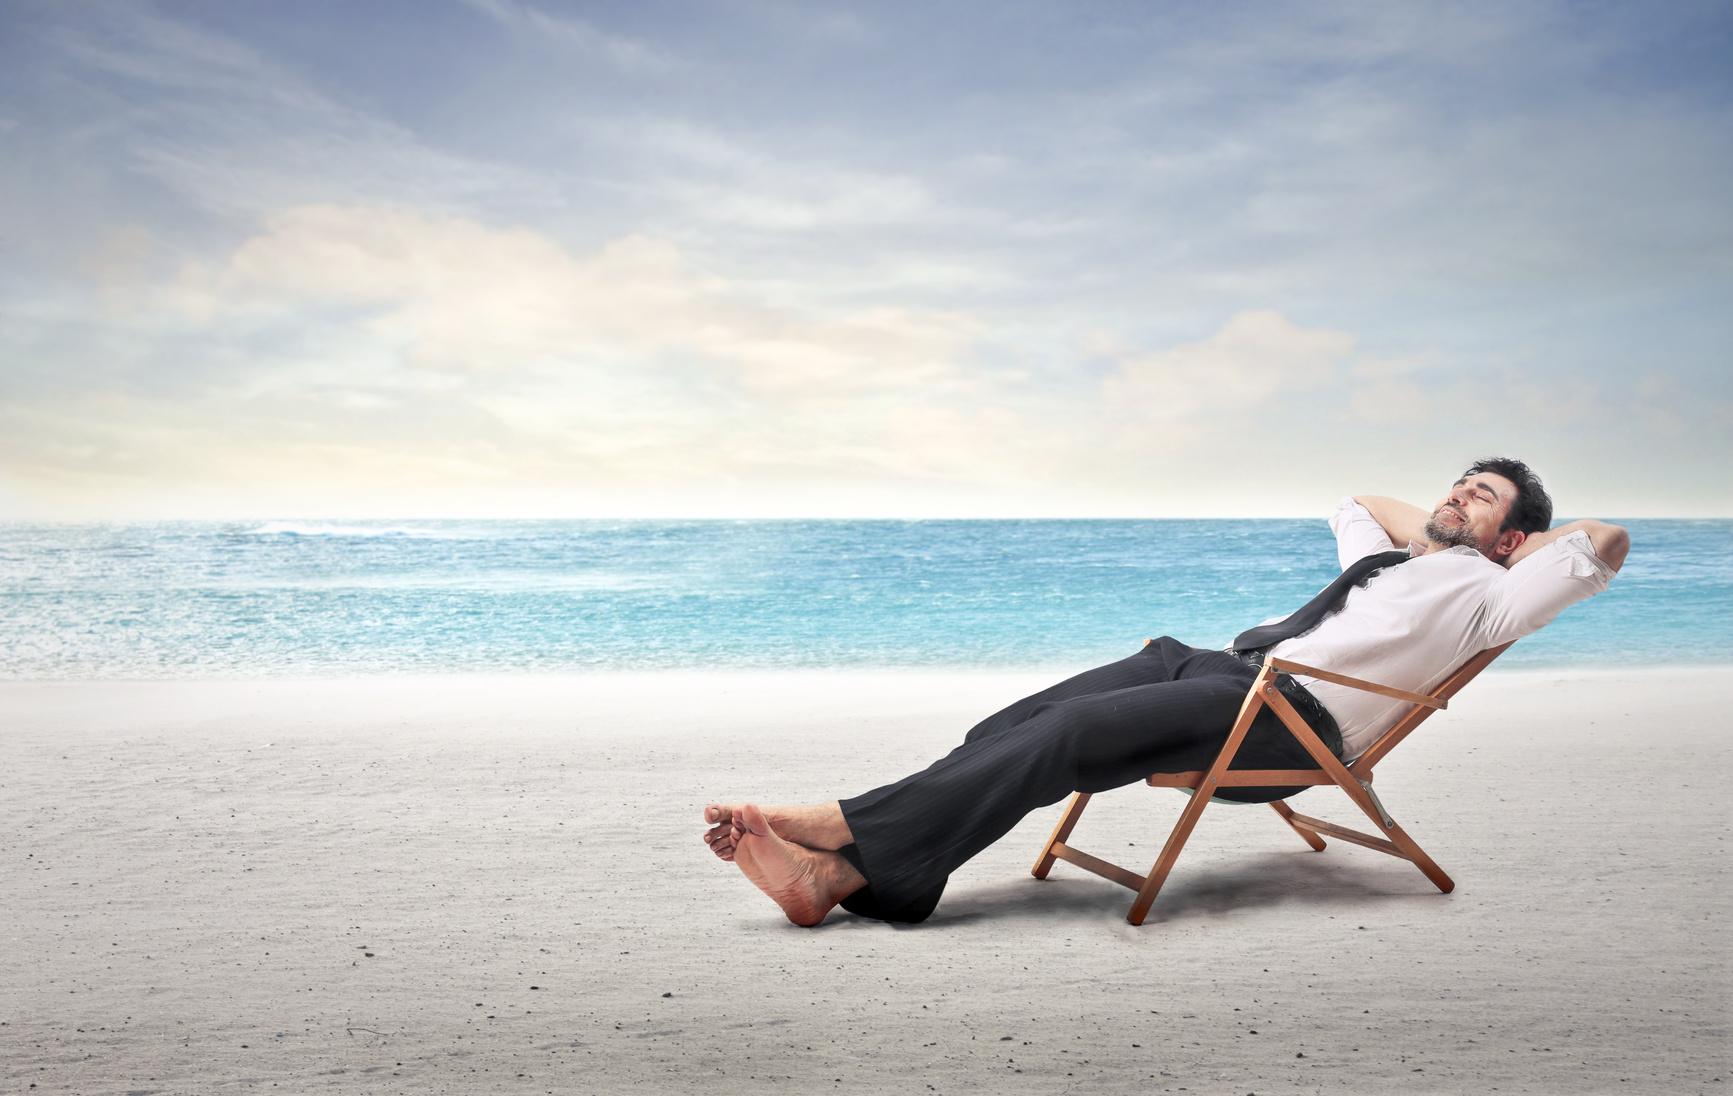 Mann im Anzug liegt im Strandstuhl